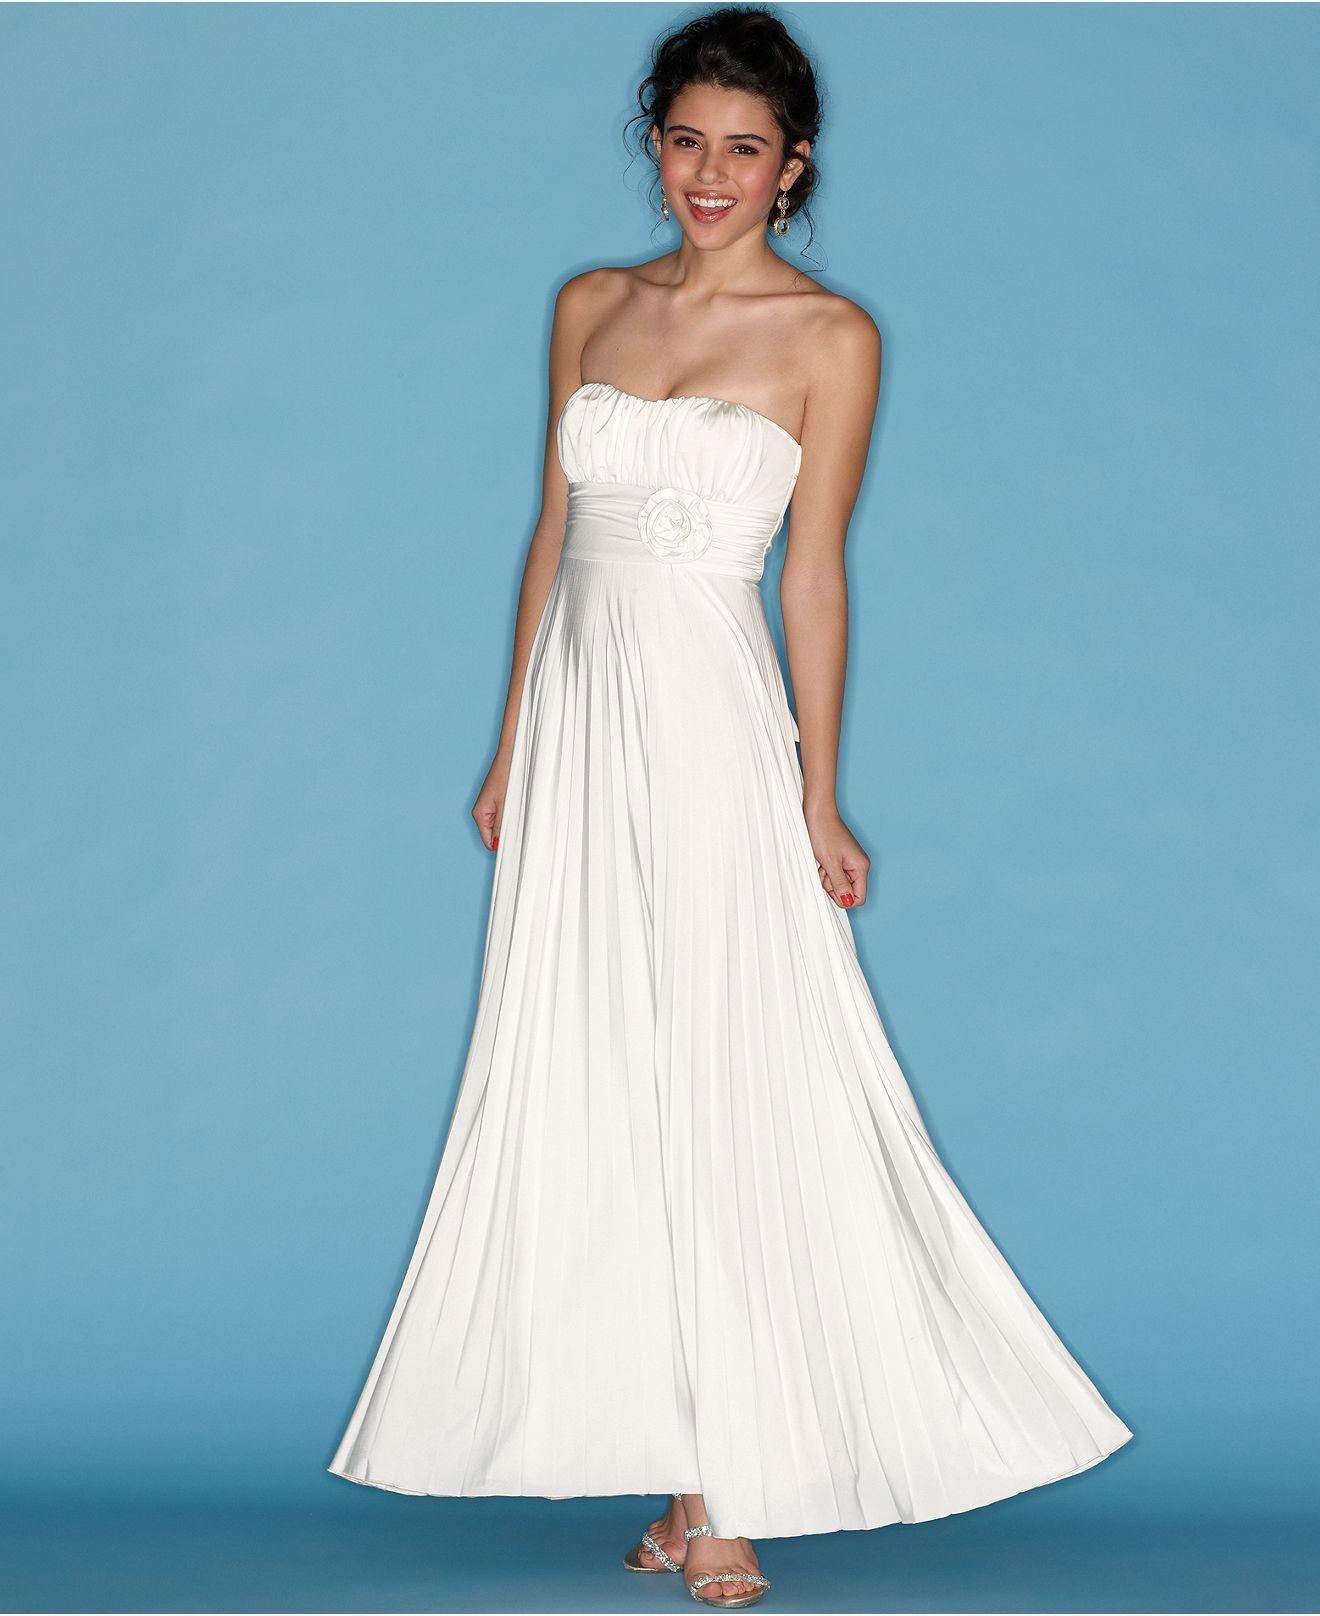 Macys womens dresses wedding  Speechless Juniors Dress Strapless Gown with RoseWaist Detail